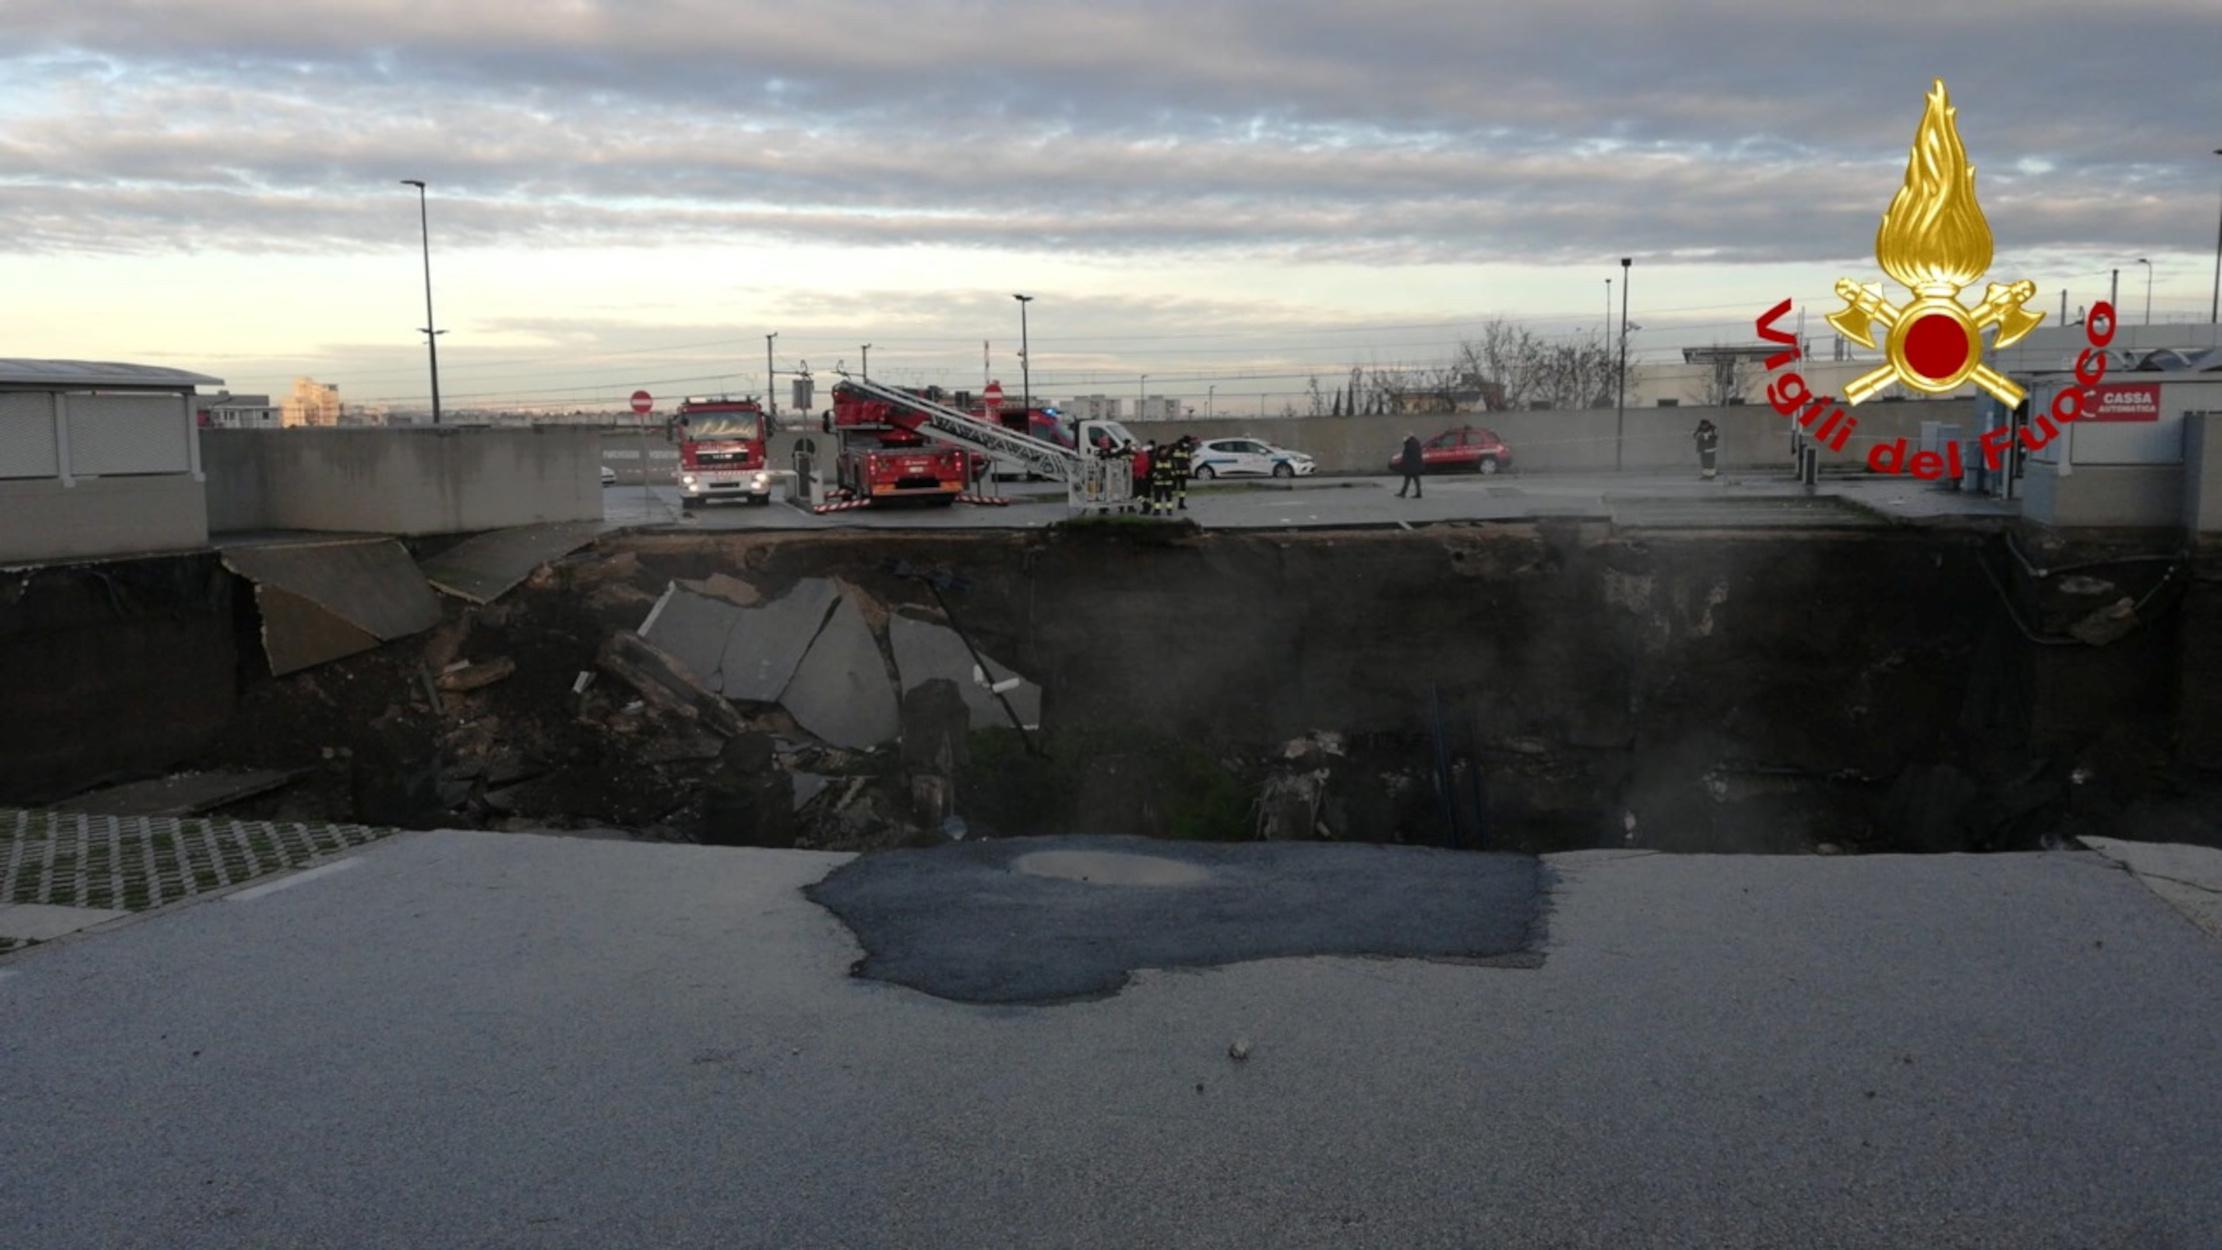 Νάπολη: «Χάθηκε» το έδαφος στο πάρκινγκ νοσοκομείου (pics, video)